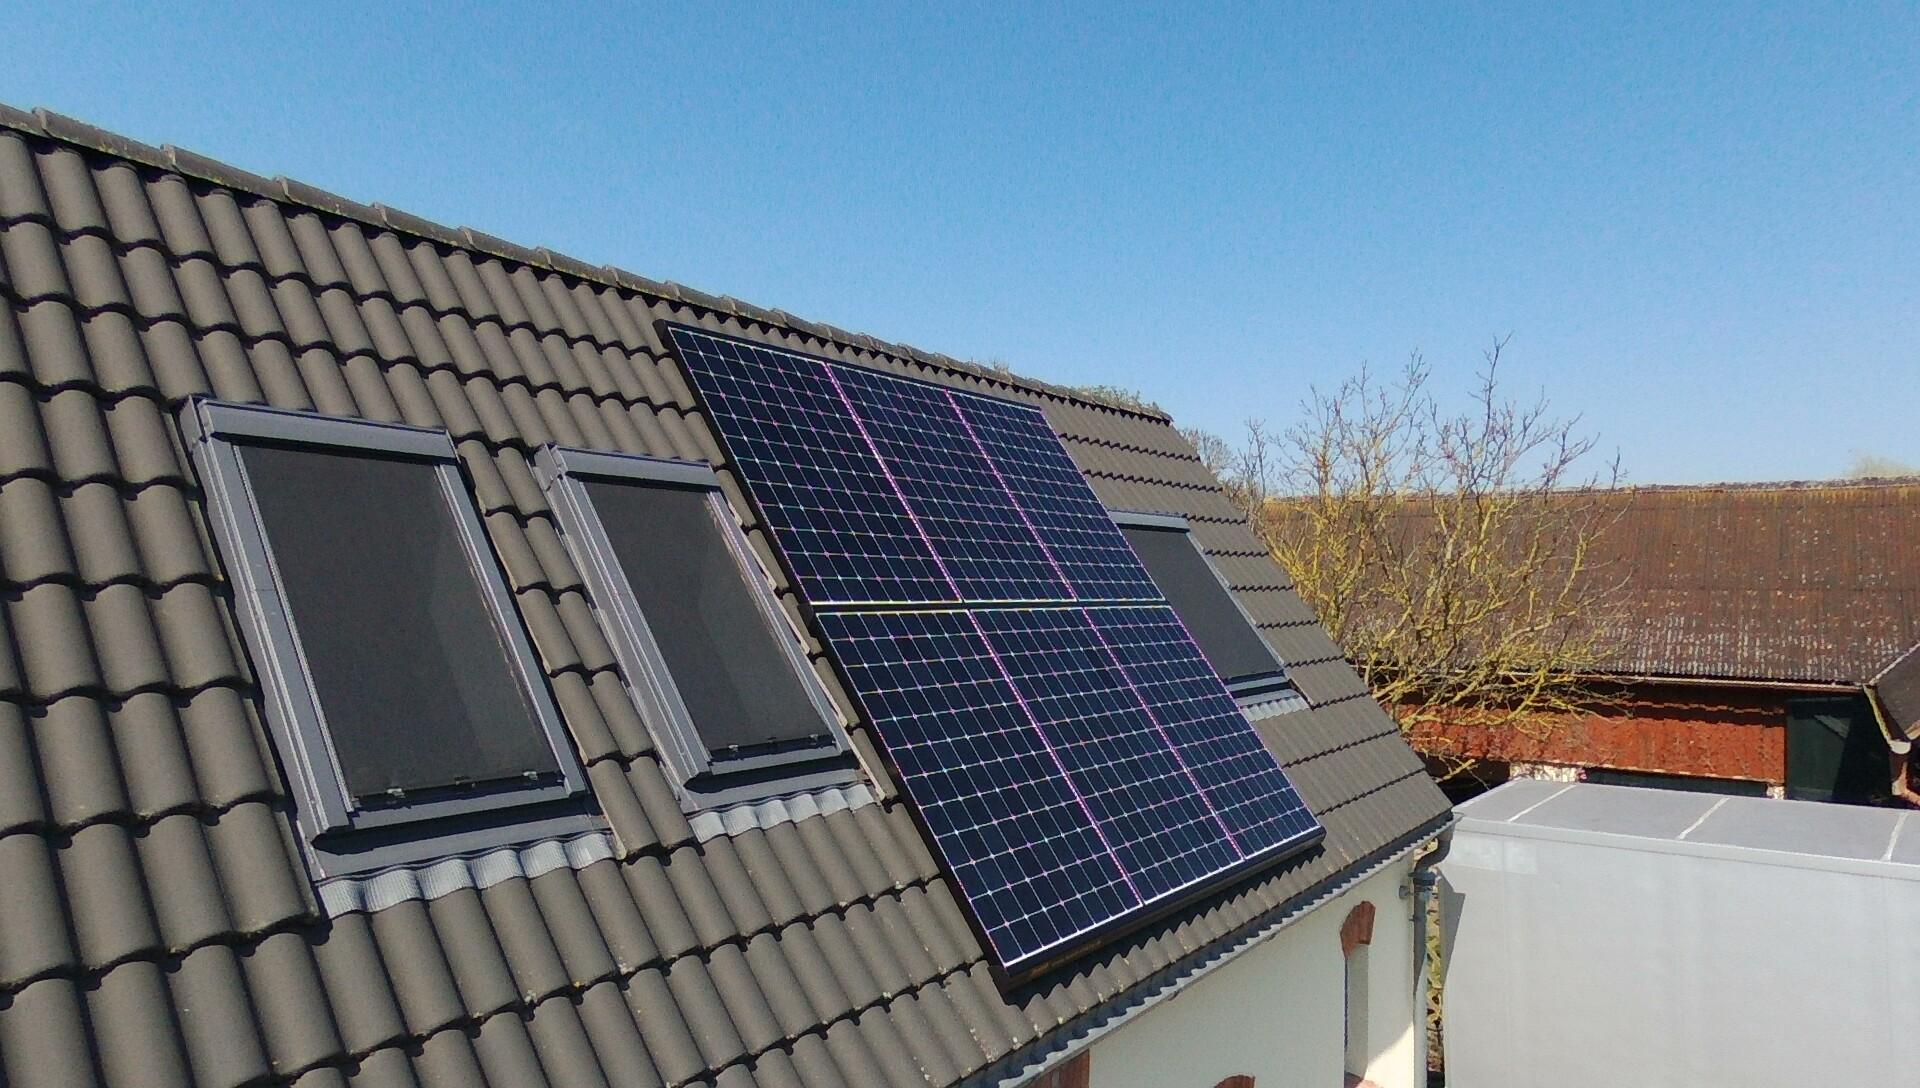 9,81 kWp Sunpower Ost, Süd und West, Solaredge Wechselrichter inkl. 5 kW Senec Speicher und Cloud 2.0 in Papendorf bei Rostock